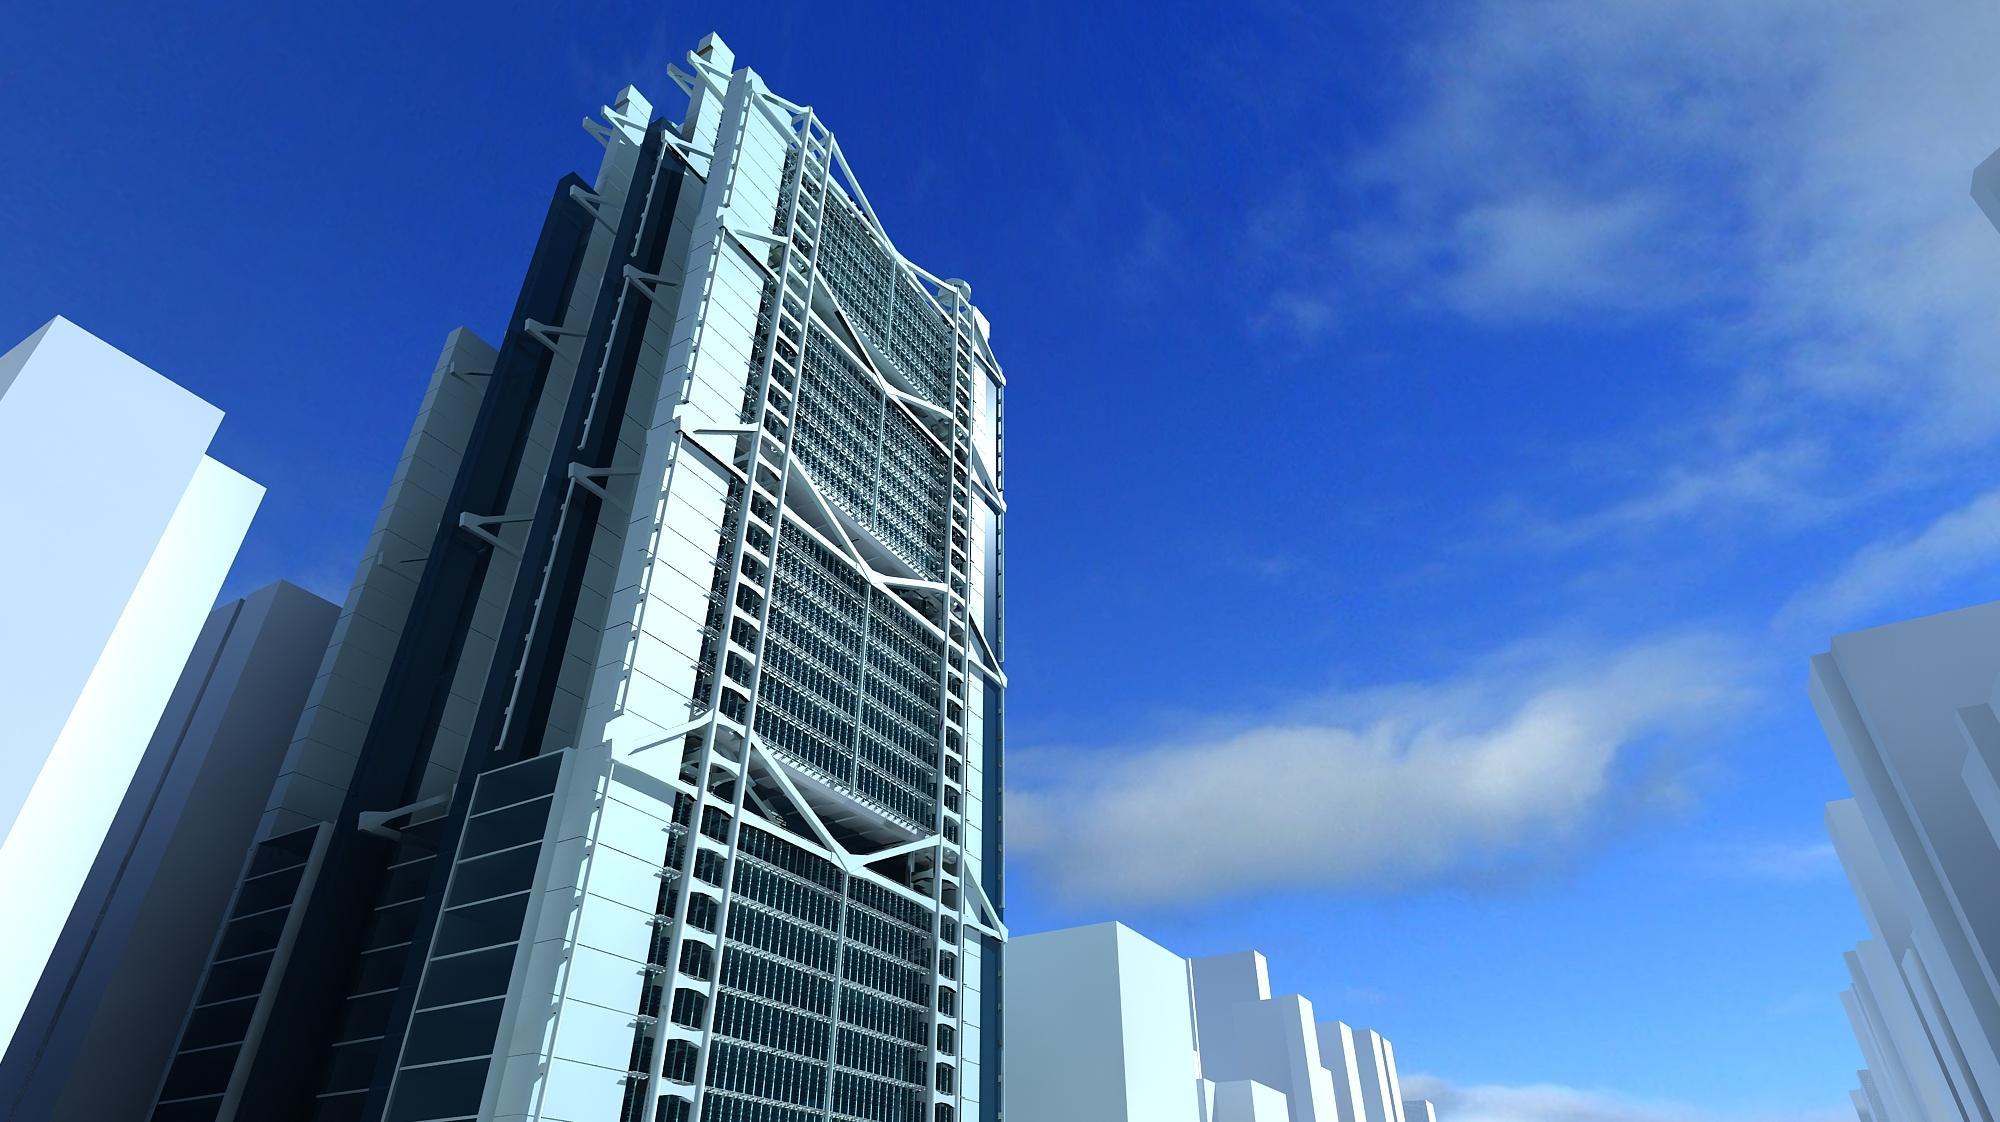 深圳汇丰银行电�_有谁知道香港汇丰银行的英文名称及地址